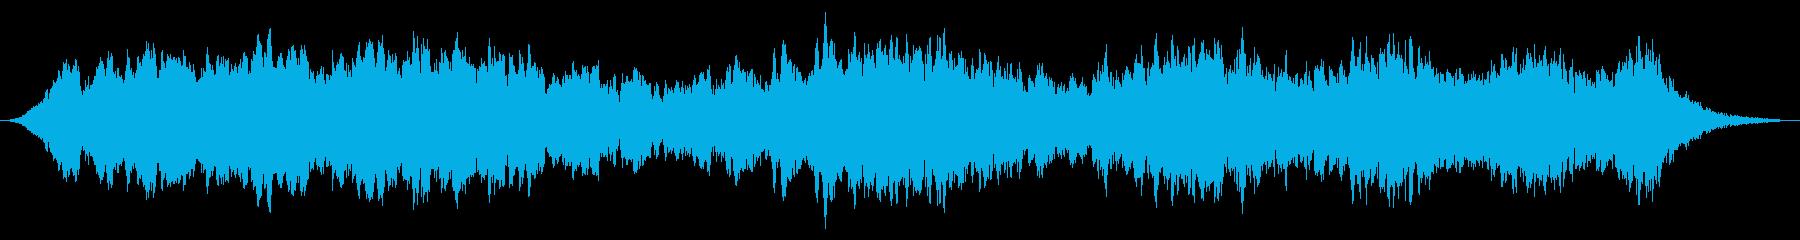 スローライジングターボシンセの再生済みの波形